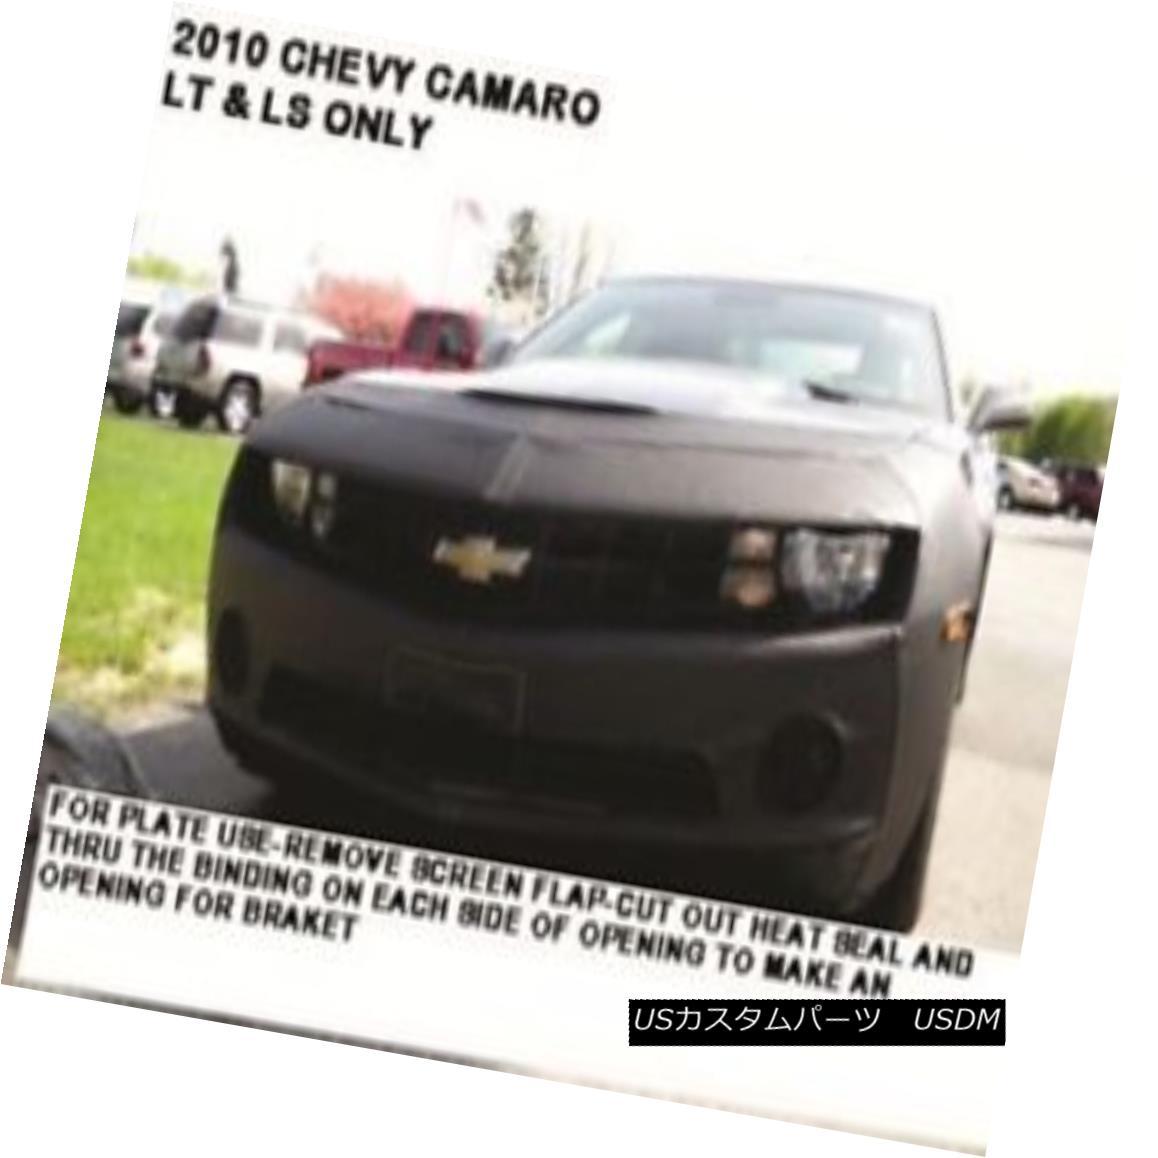 フルブラ ノーズブラ Lebra Front End Mask Cover Bra Fits Chevy Camaro LT & LS 2010 2011 2012 2013 LebraフロントエンドマスクカバーブラはChevy Camaro LT& LS 2010 2011 2012 2013